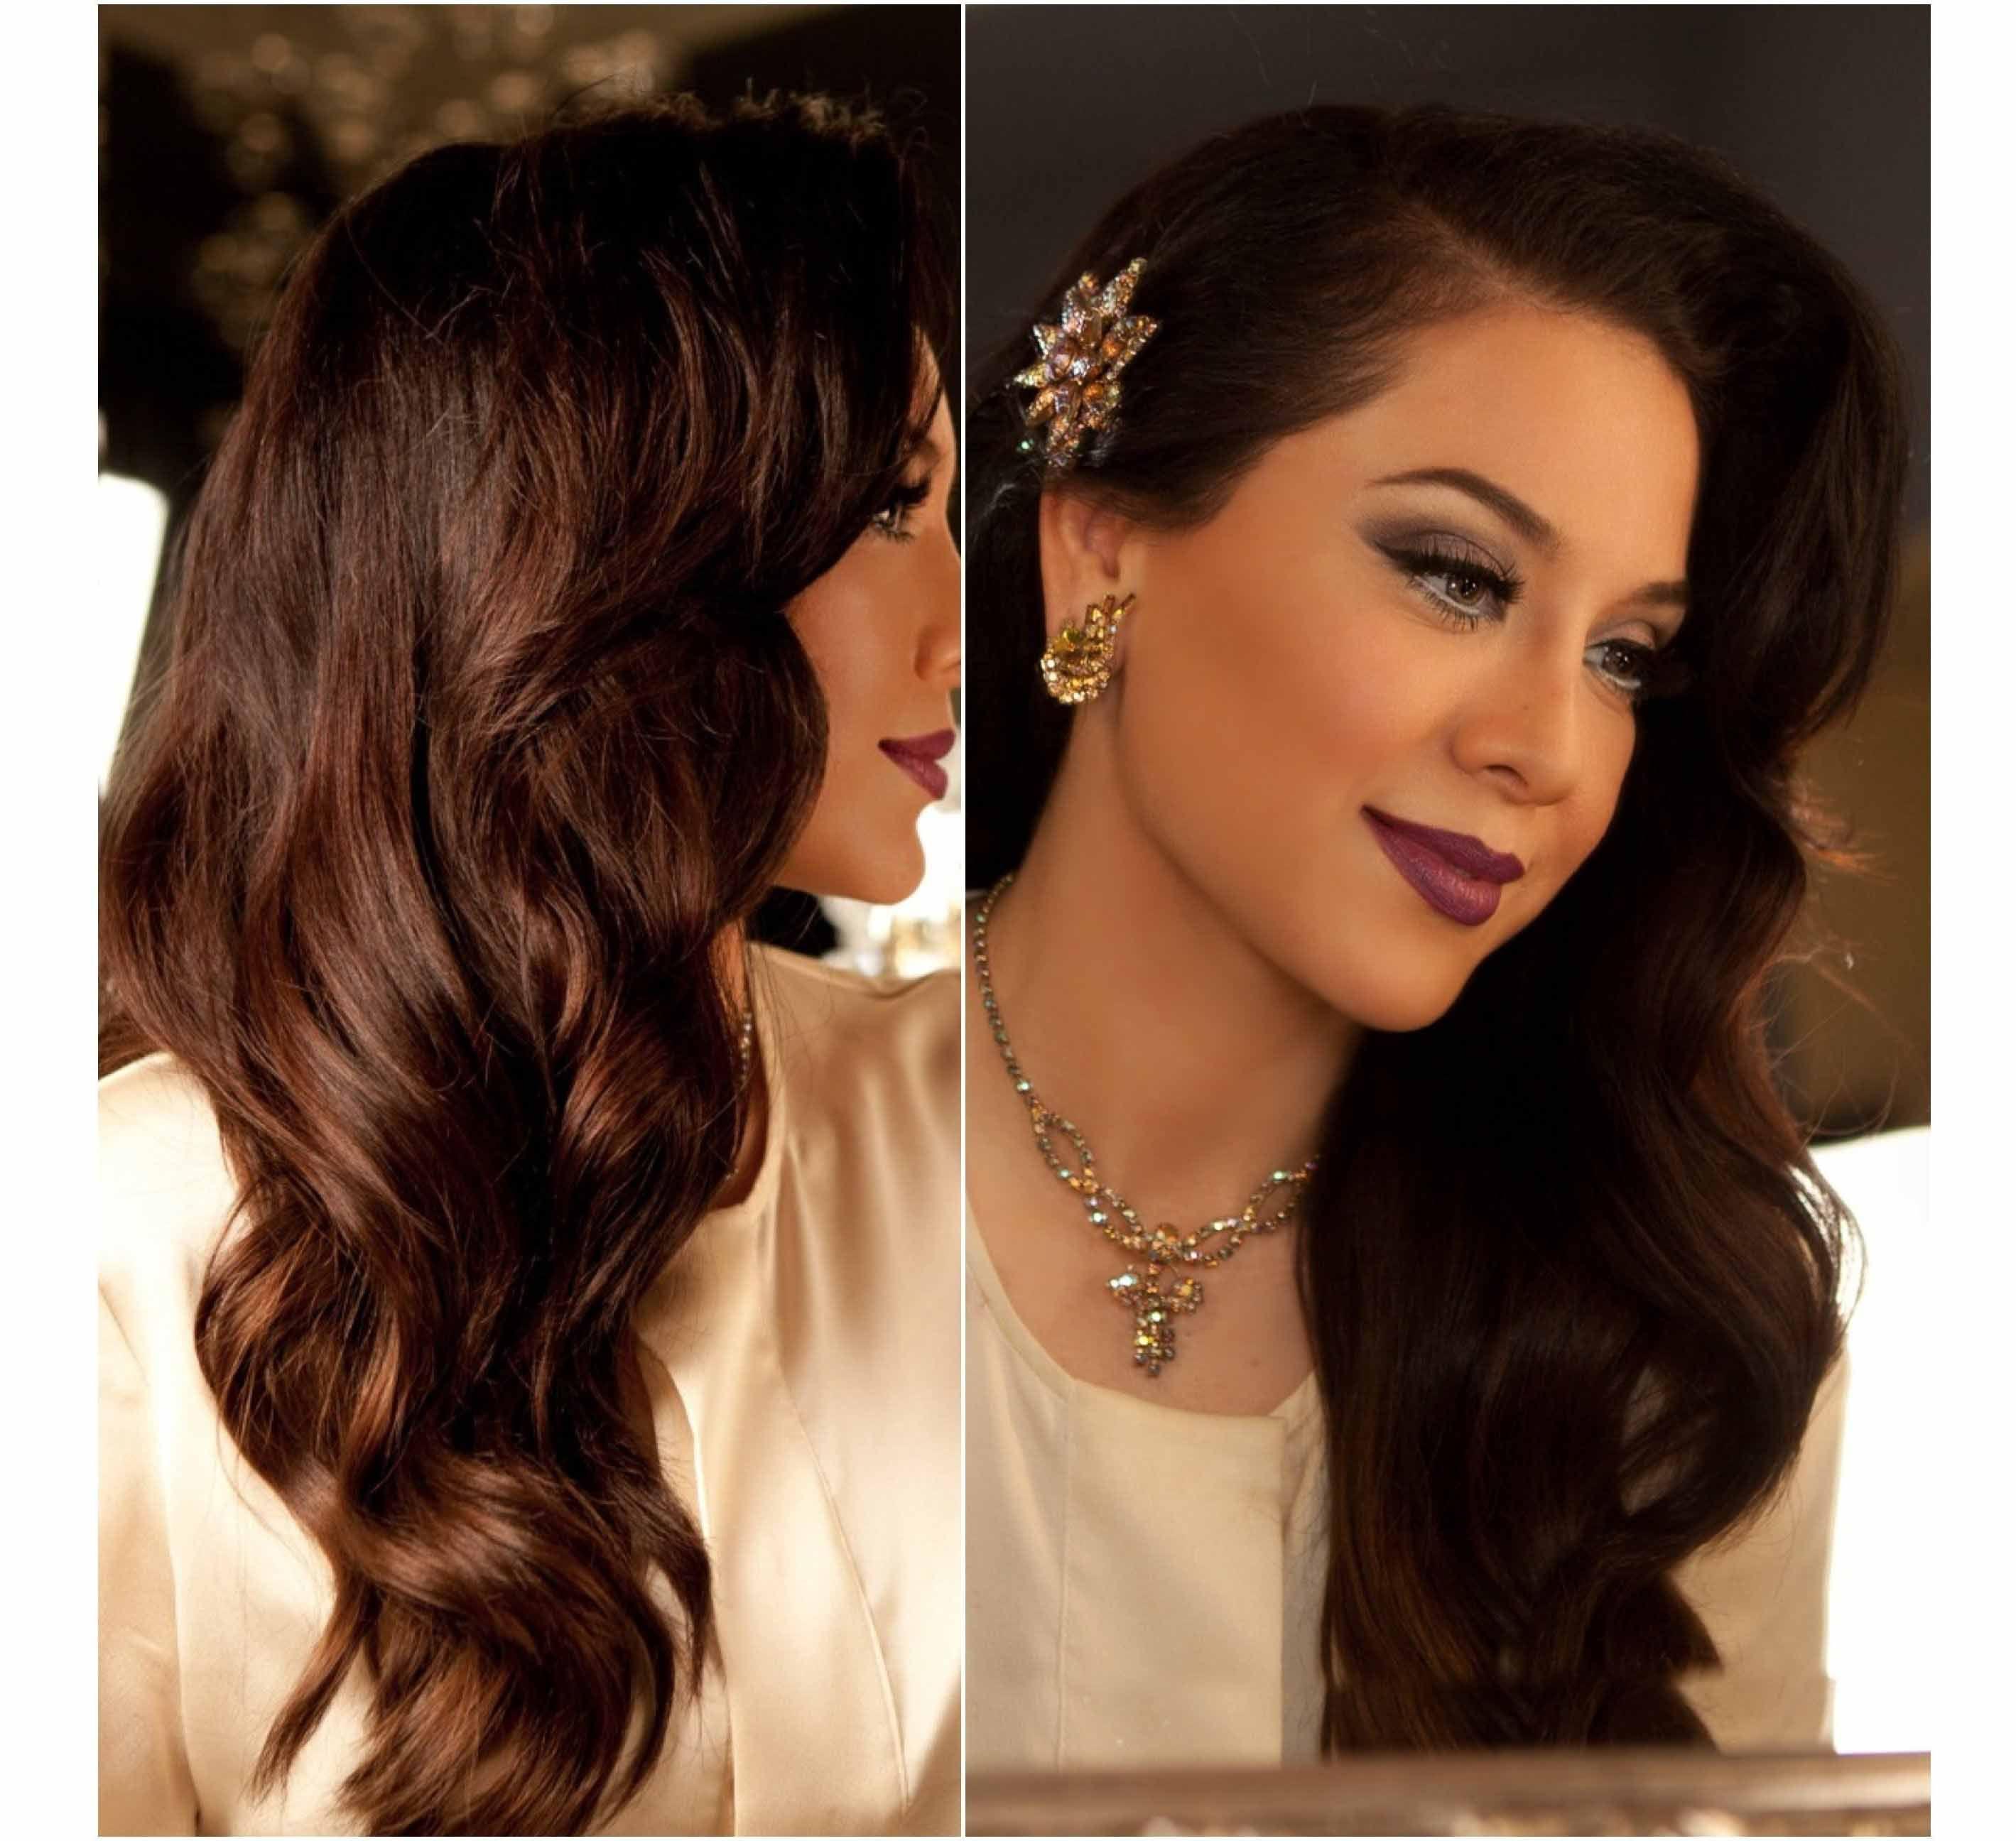 Hairstyles For Casino Night 20's Inspired Casino Night